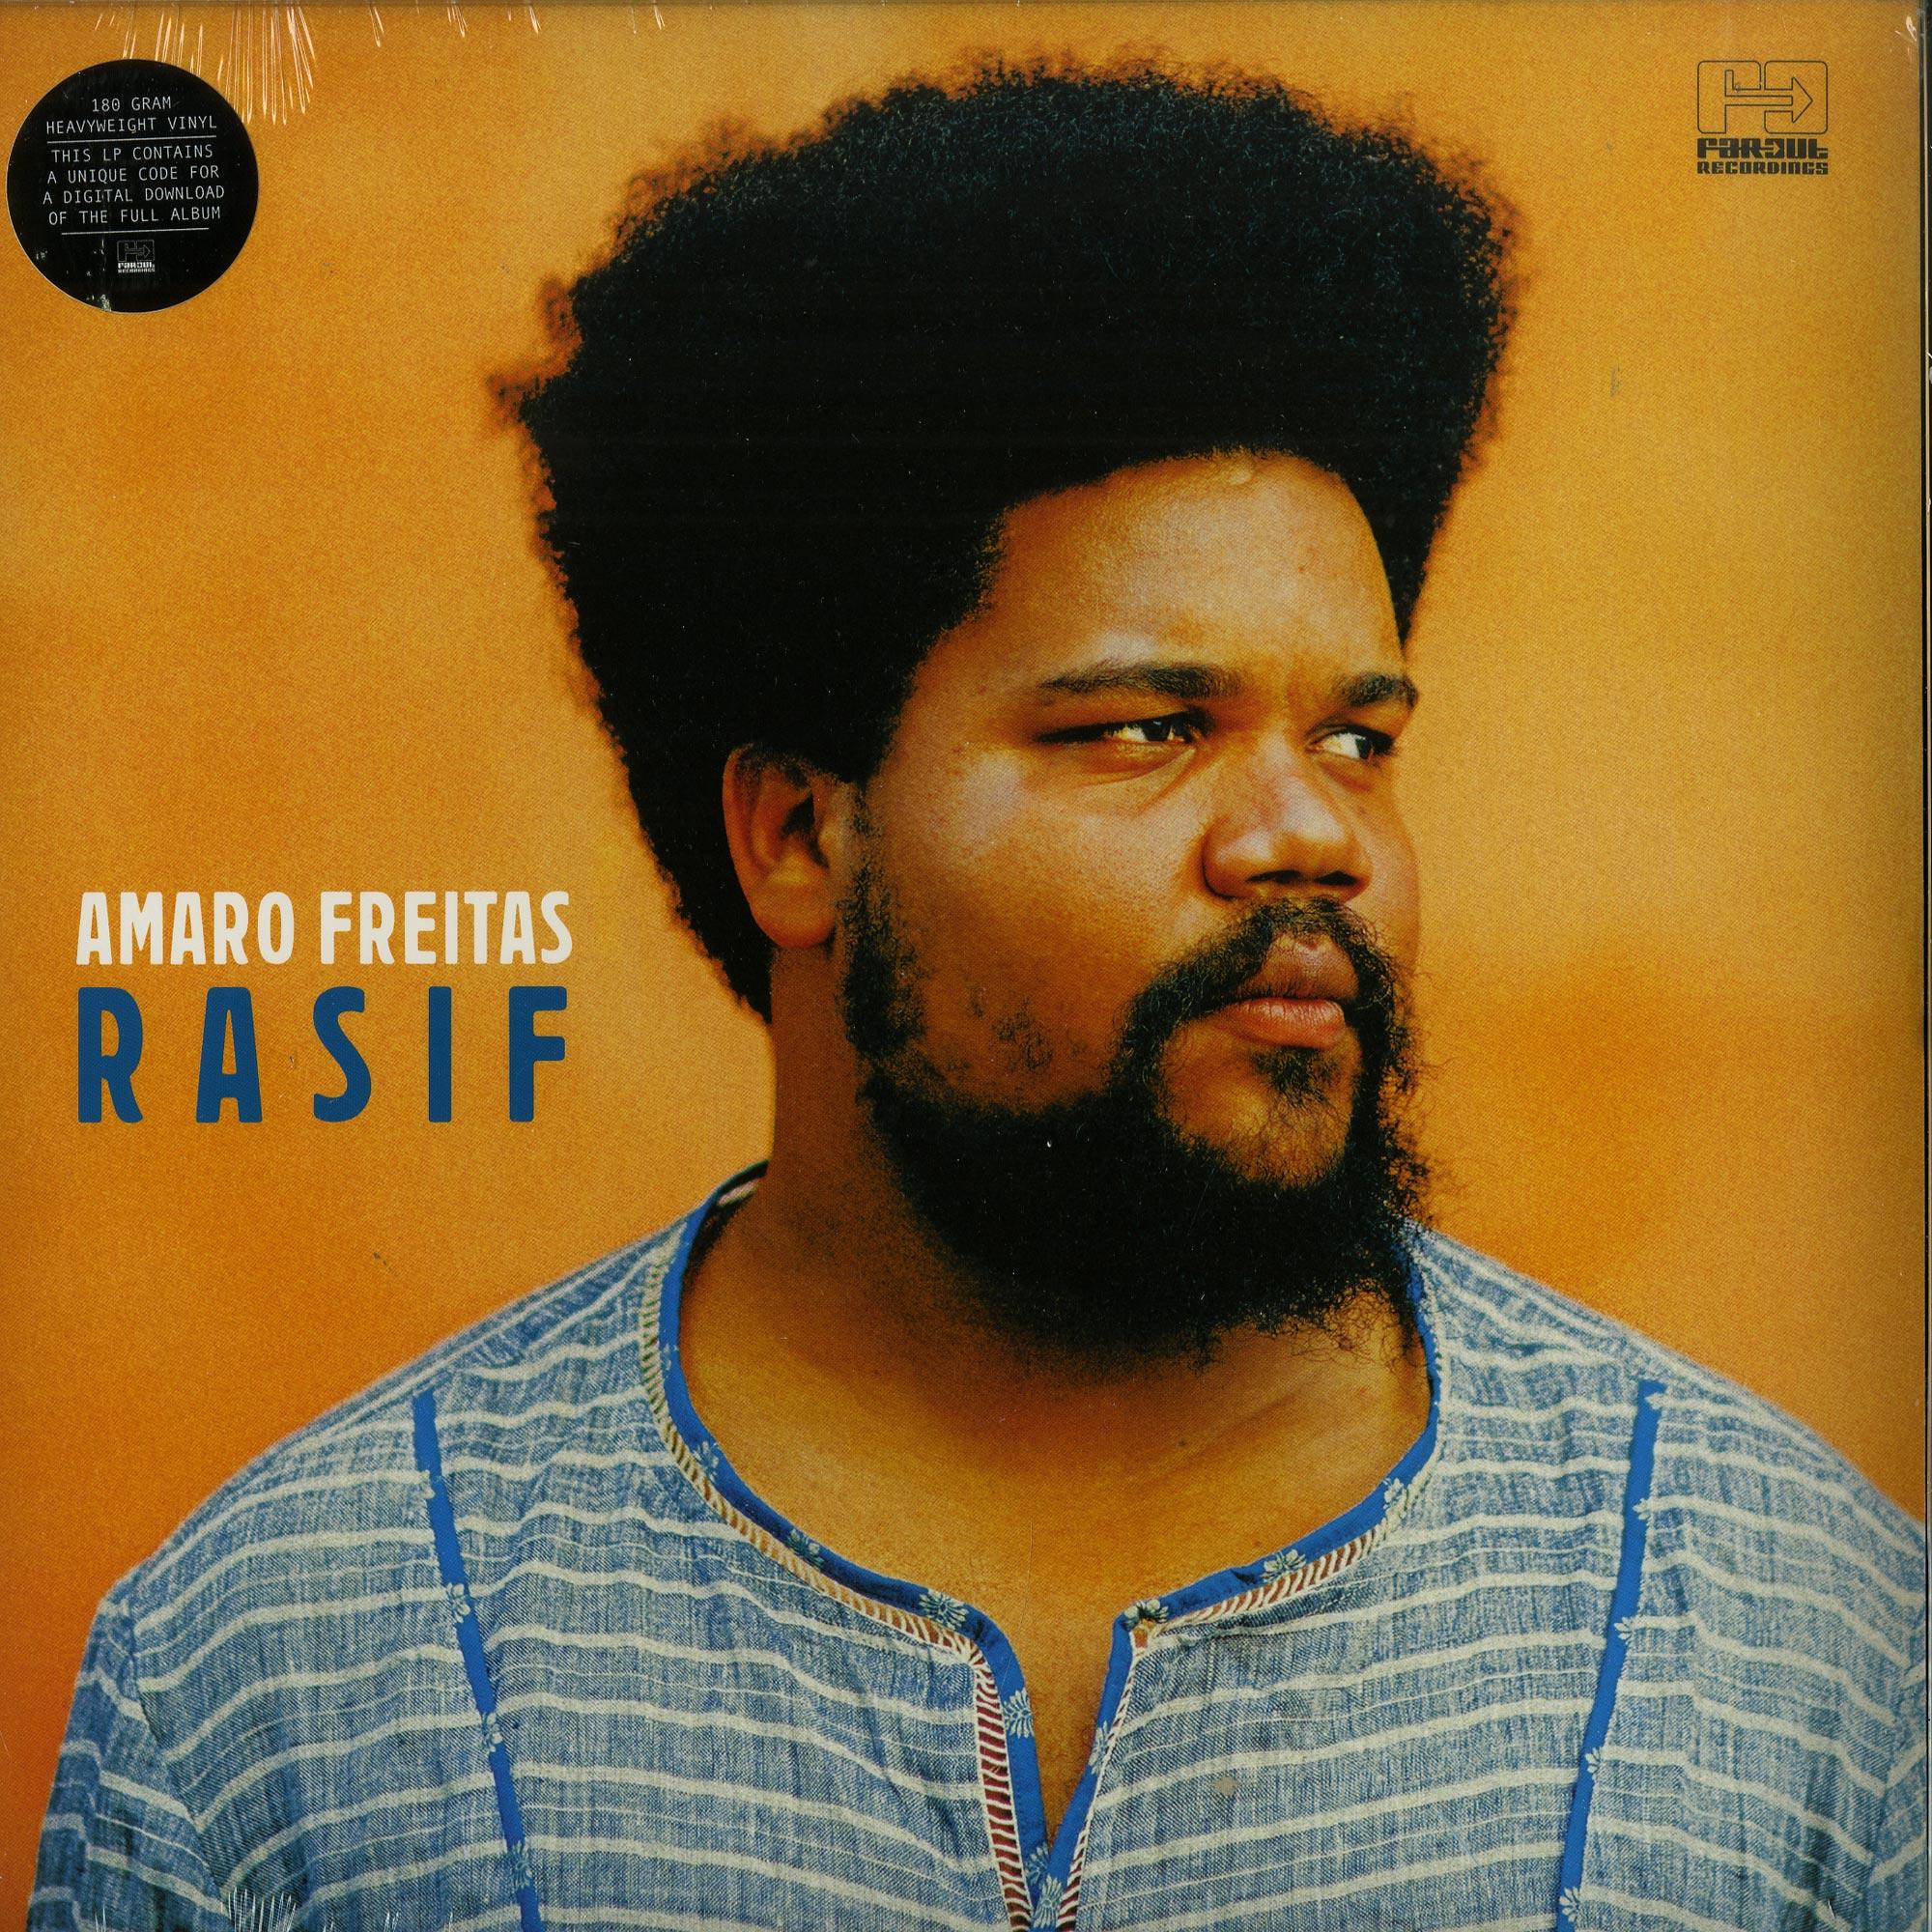 Amaro Freitas - RASIF